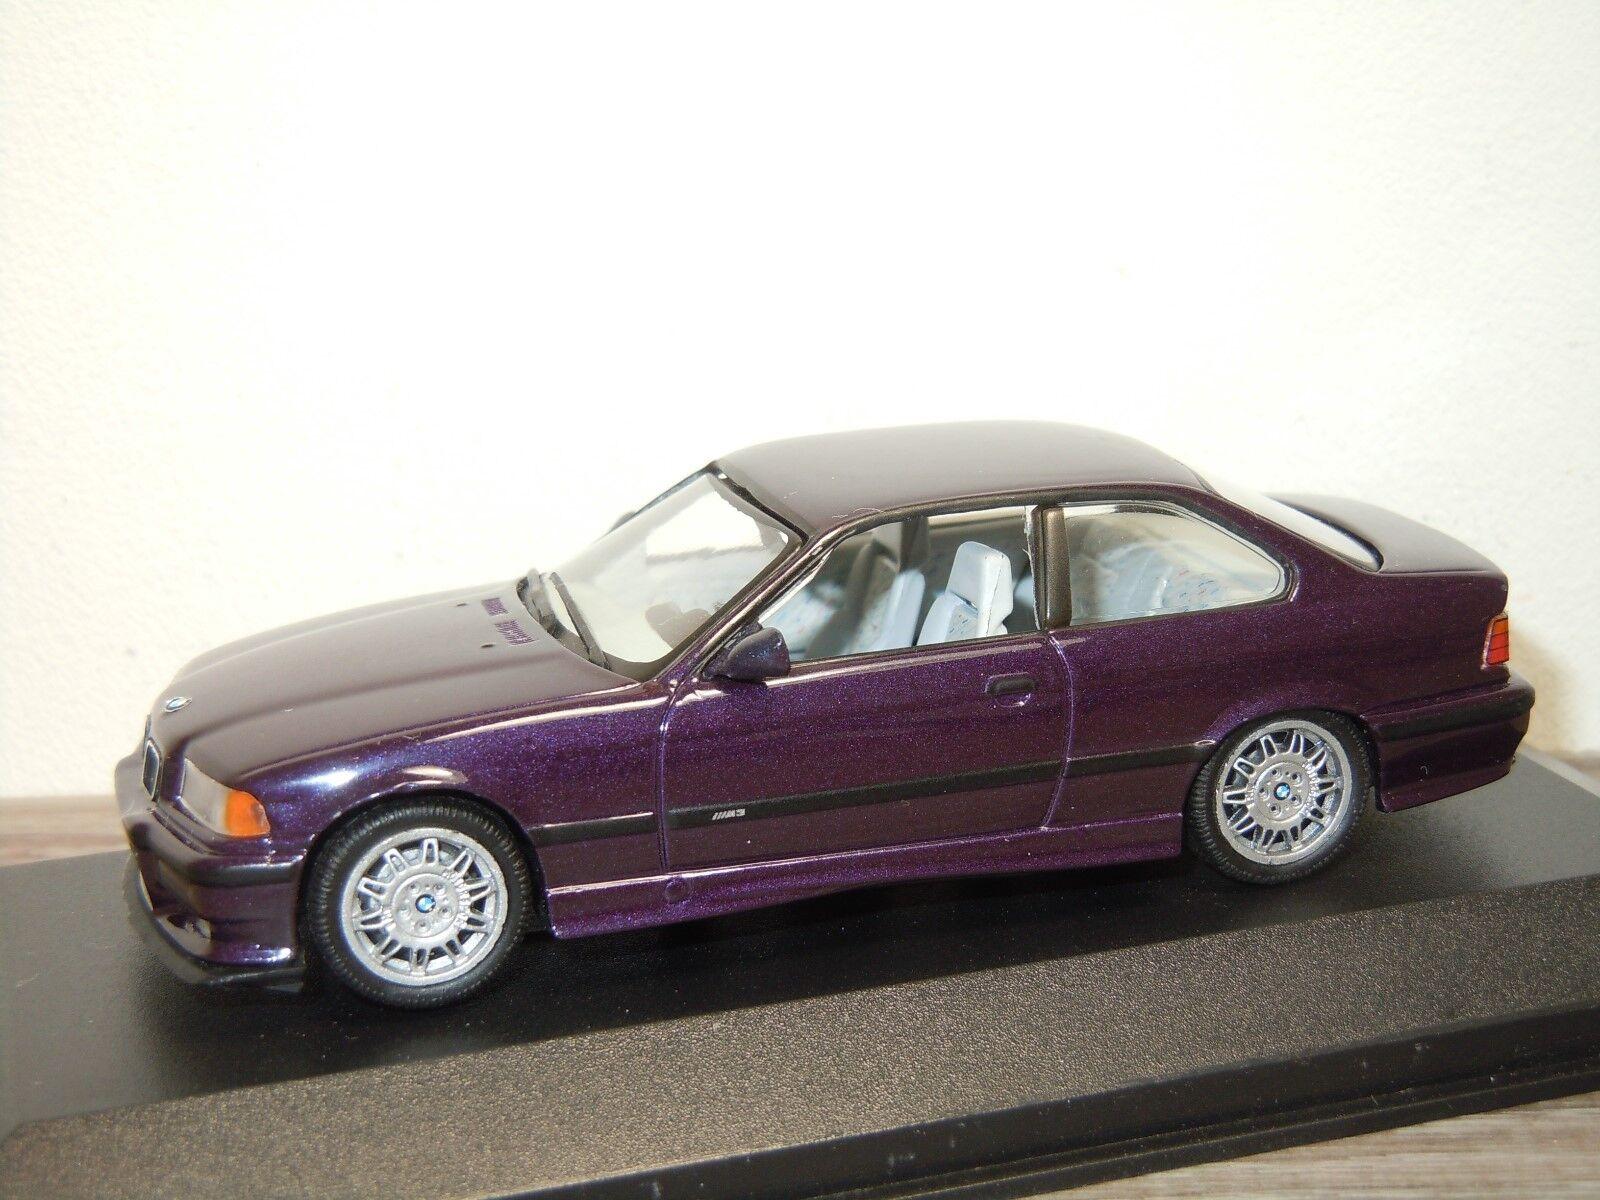 BMW 3 Serie E36 M3 Coupe Daytonaviolett met - Minichamps  1 43 in Box 34264  réductions incroyables